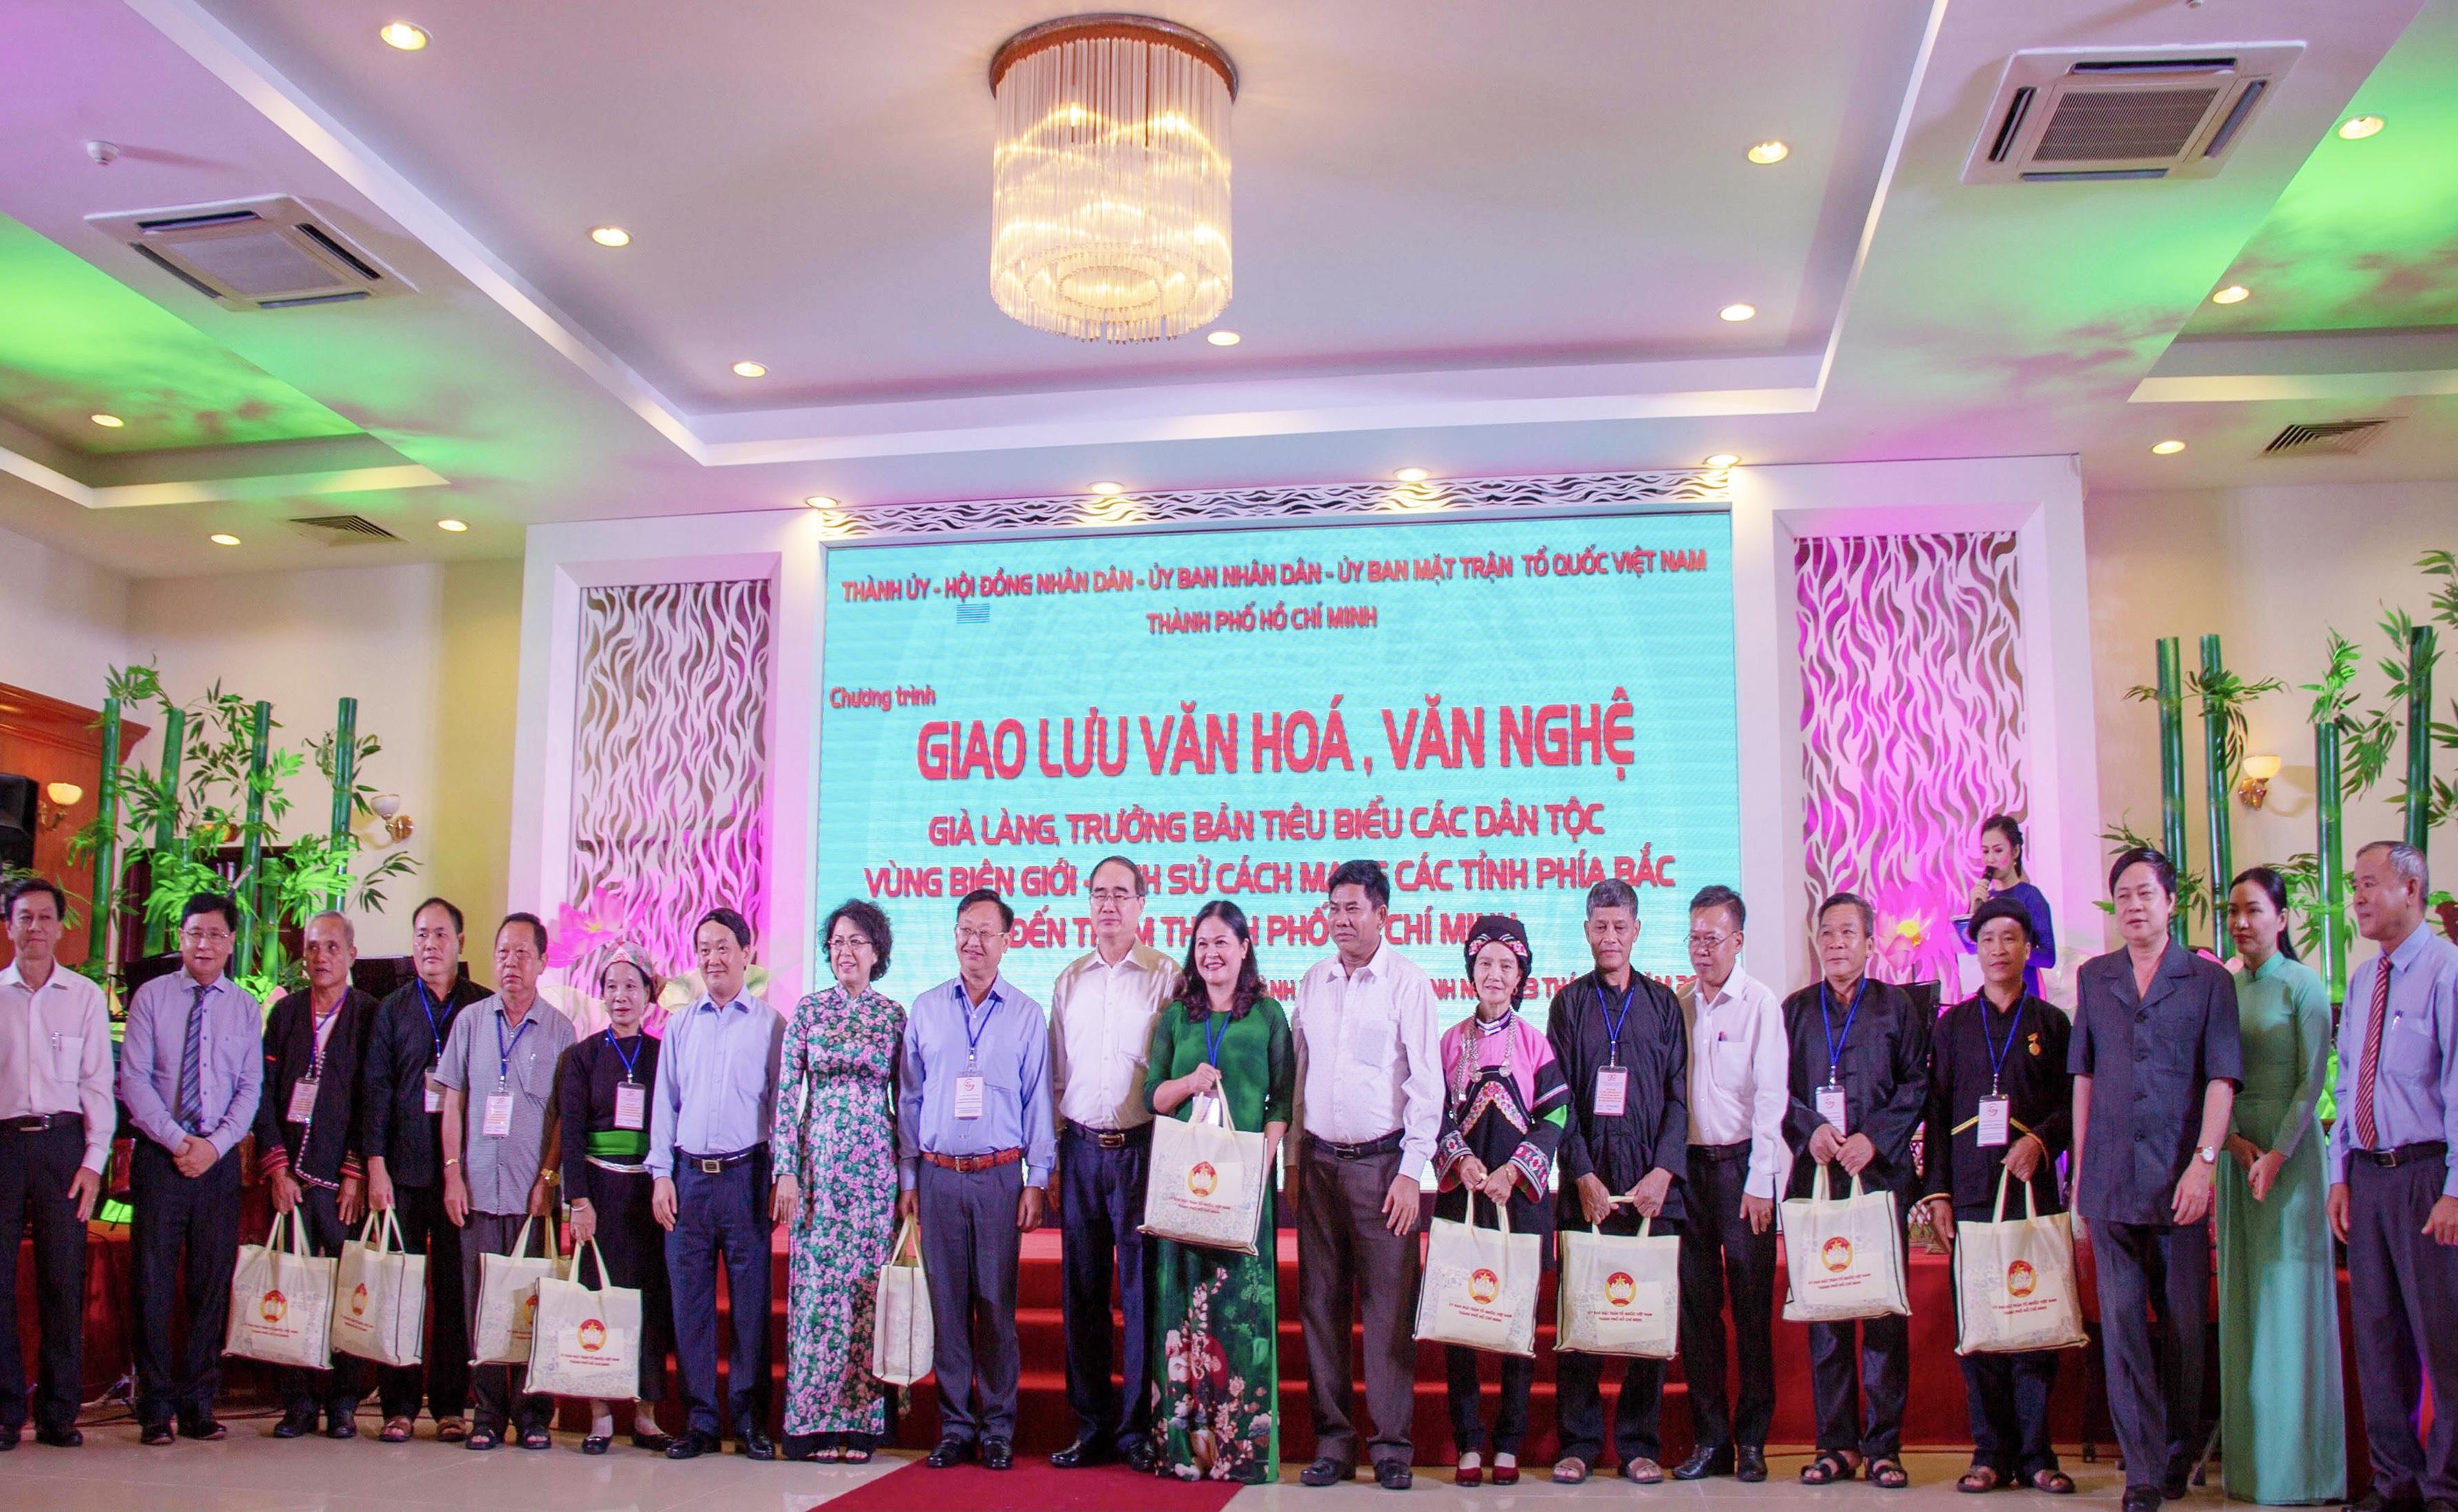 Lãnh đạo TP HCM và UBDT tặng quà các đại biểu Già làng, Trưởng bản tiêu biểu